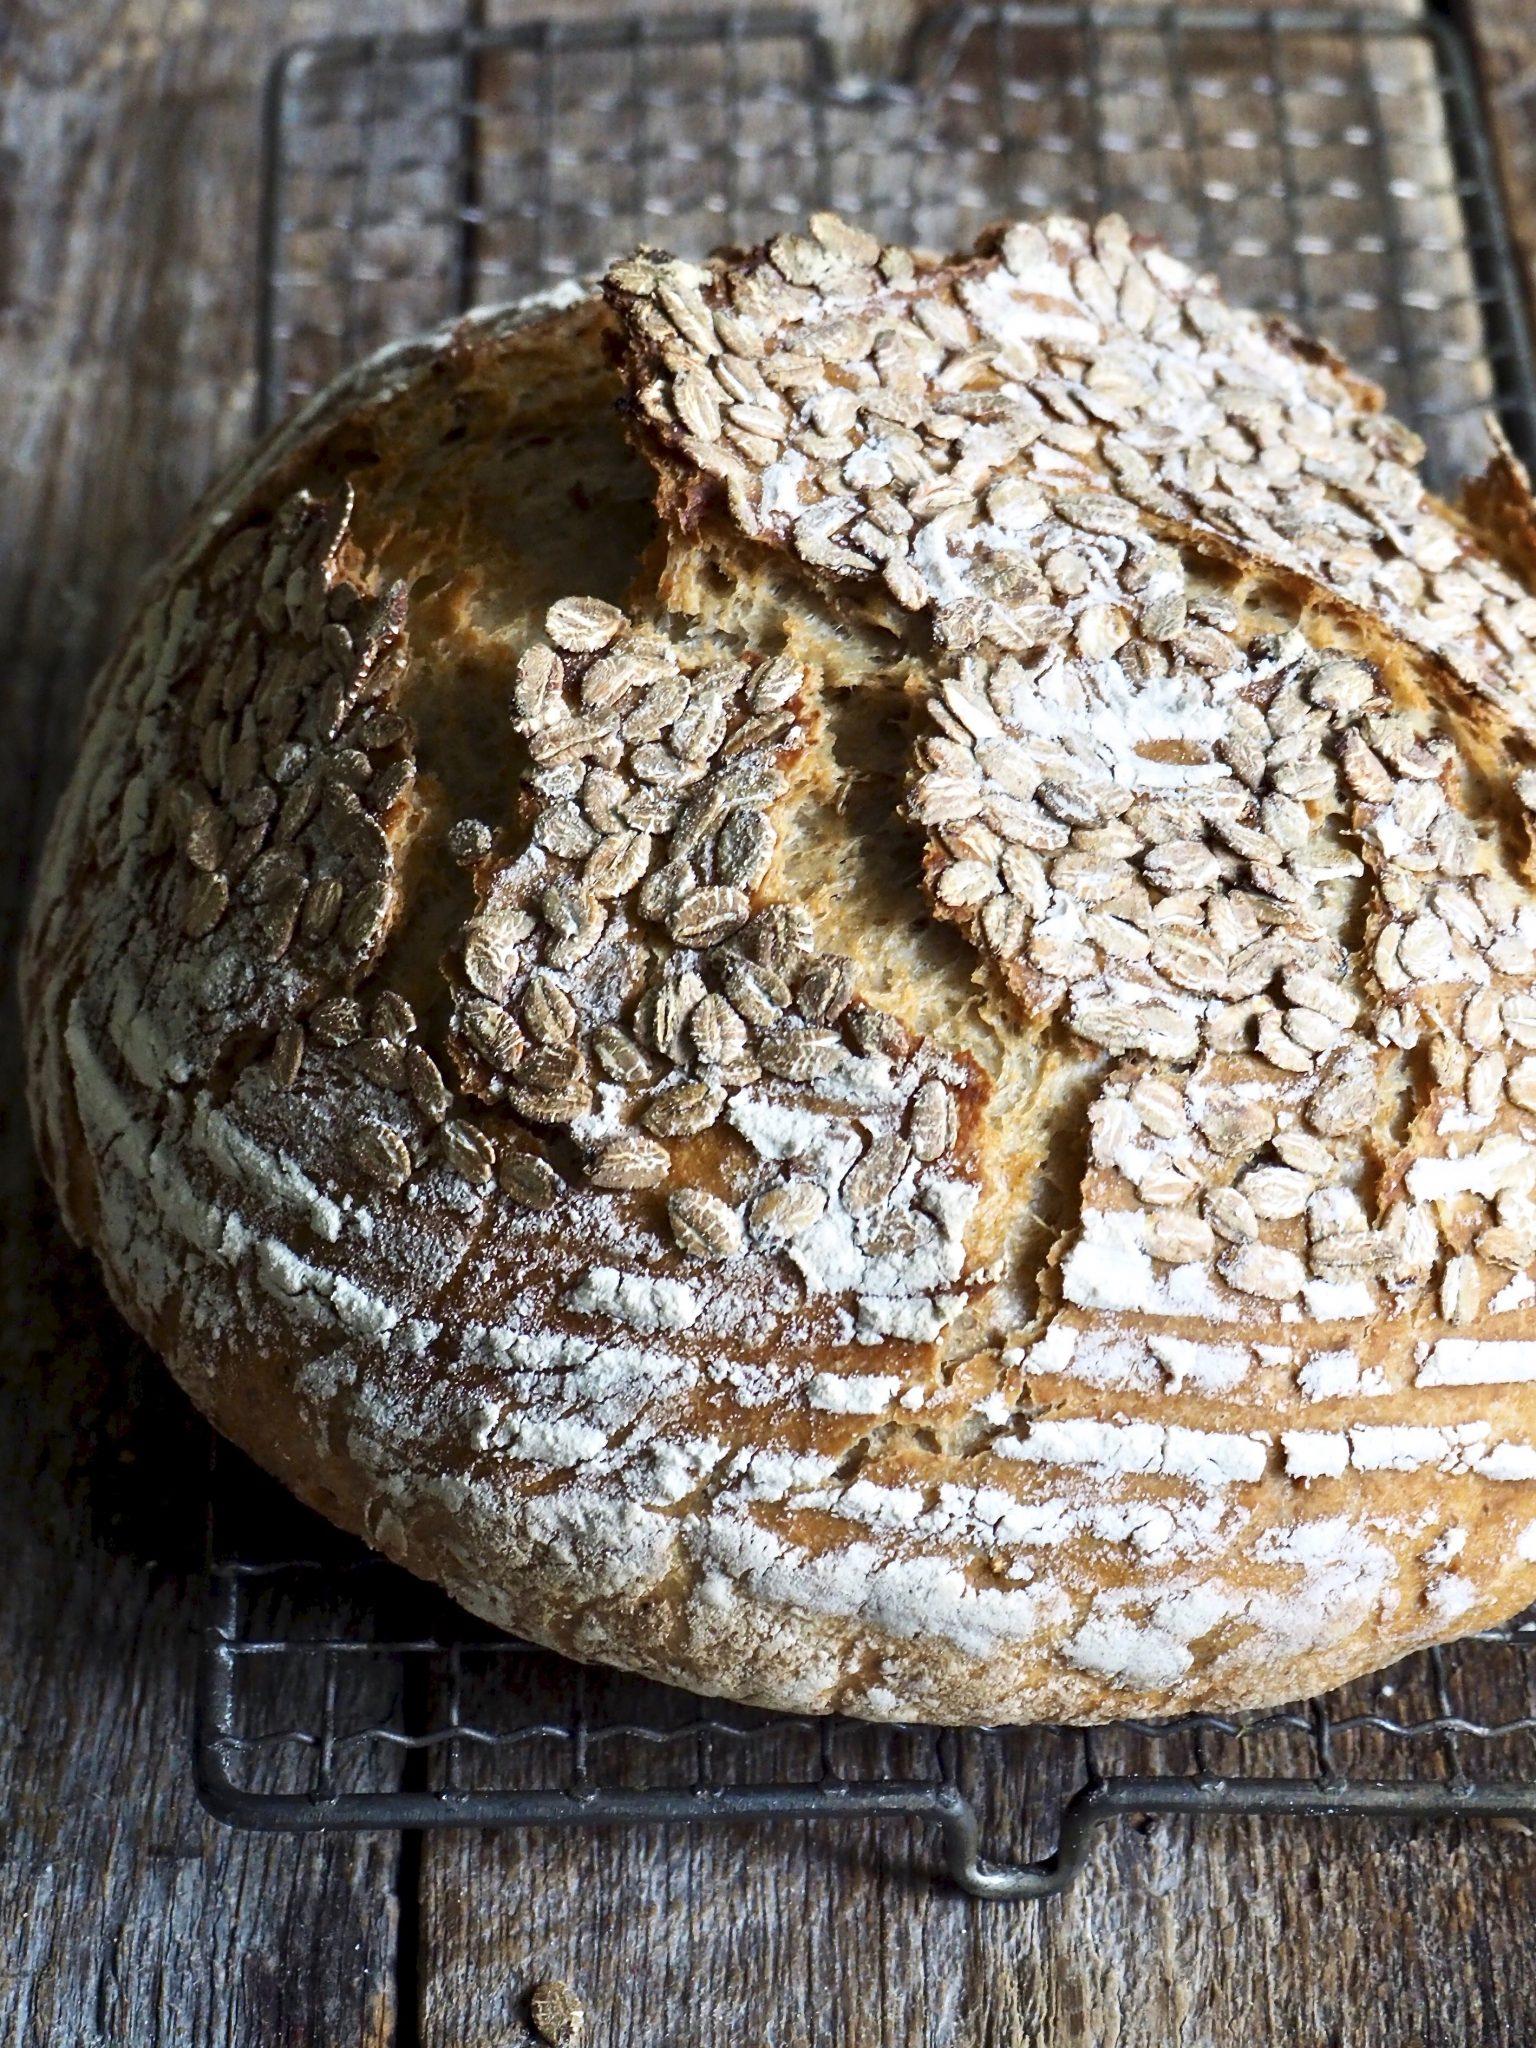 Eltefritt firekornsbrød - enkelt å bake, godt og sunt